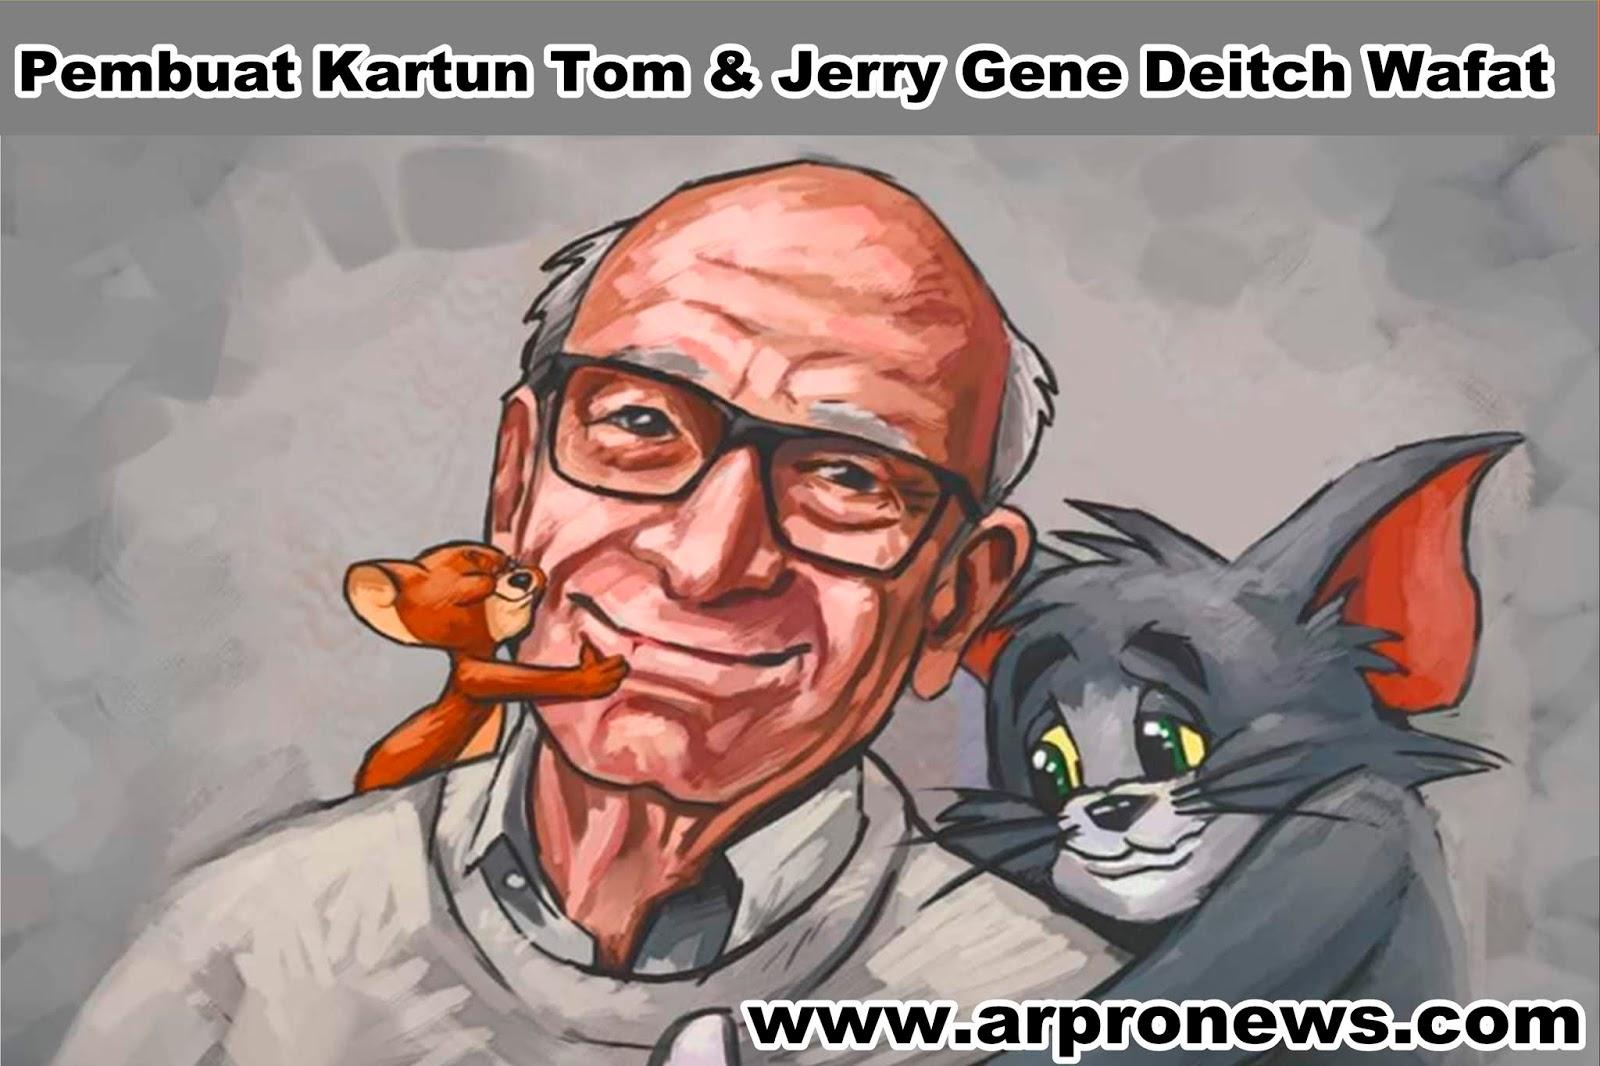 Pembuat Kartun Tom & Jerry Gene Deitch Meninggal ArproNews